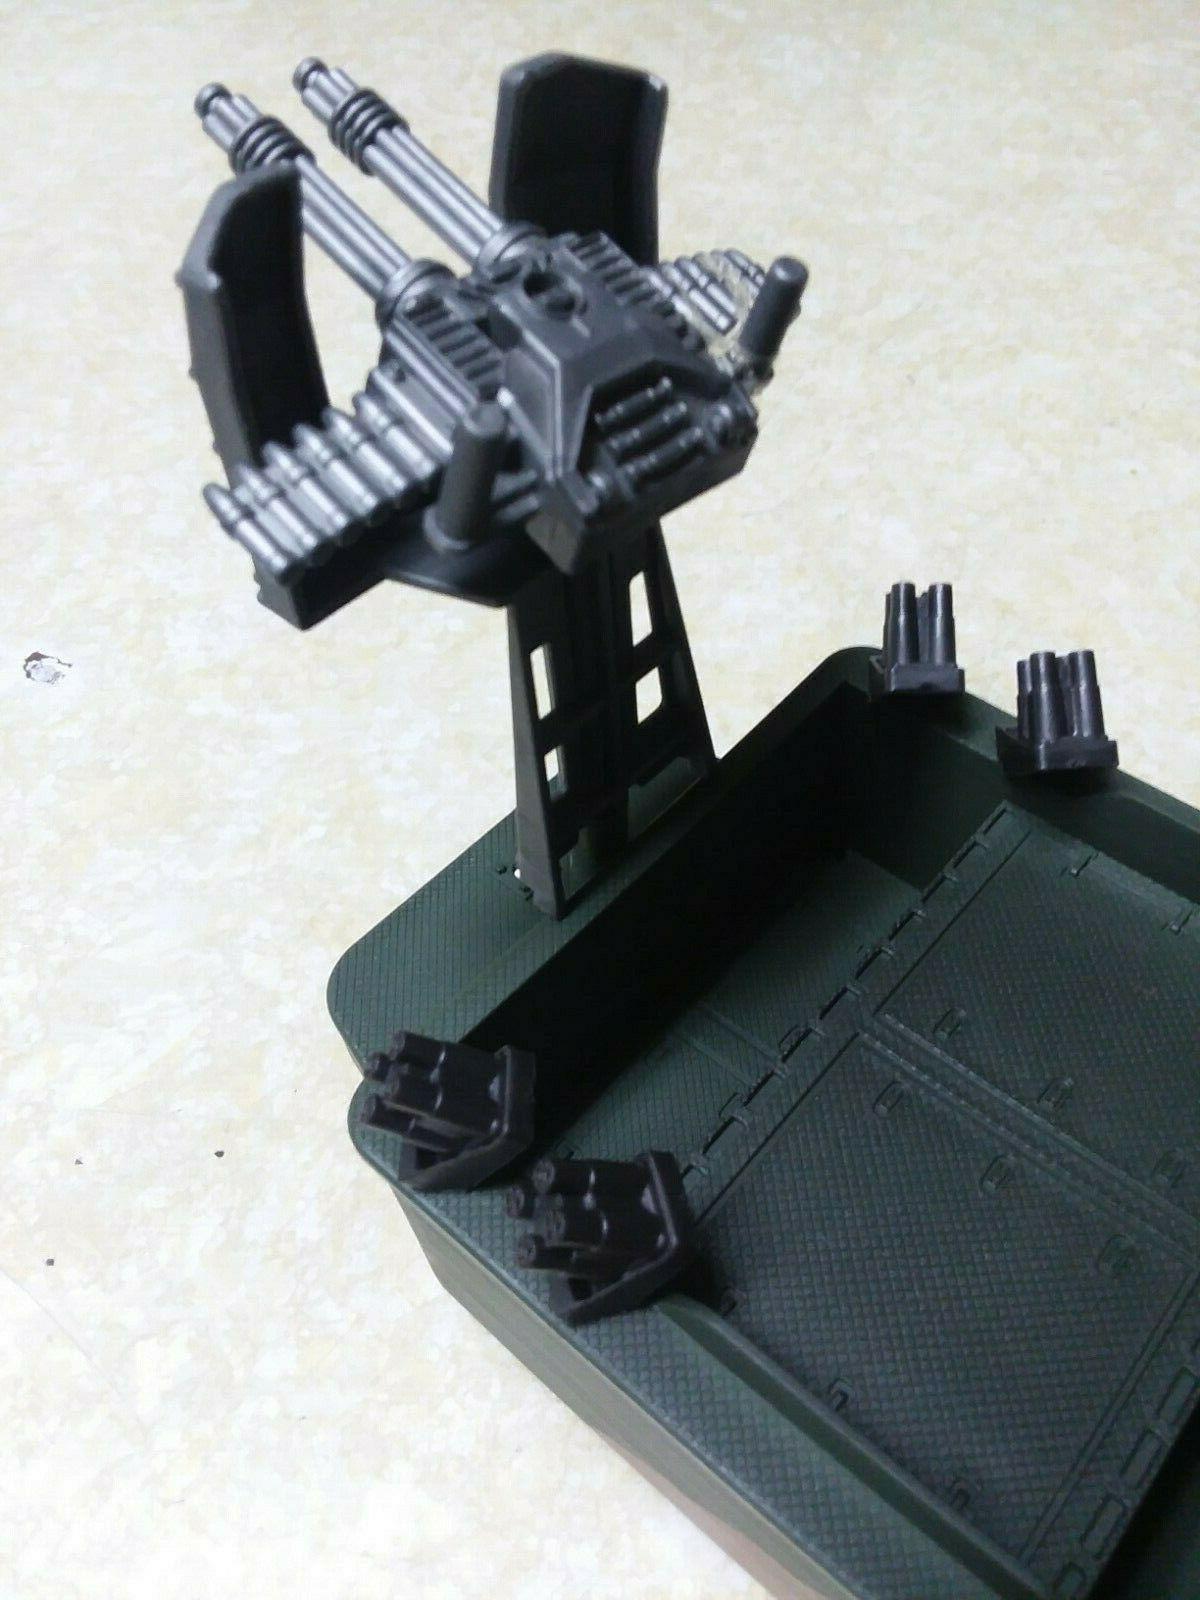 Elite Forces 1:18 Scale Vehicle Gun